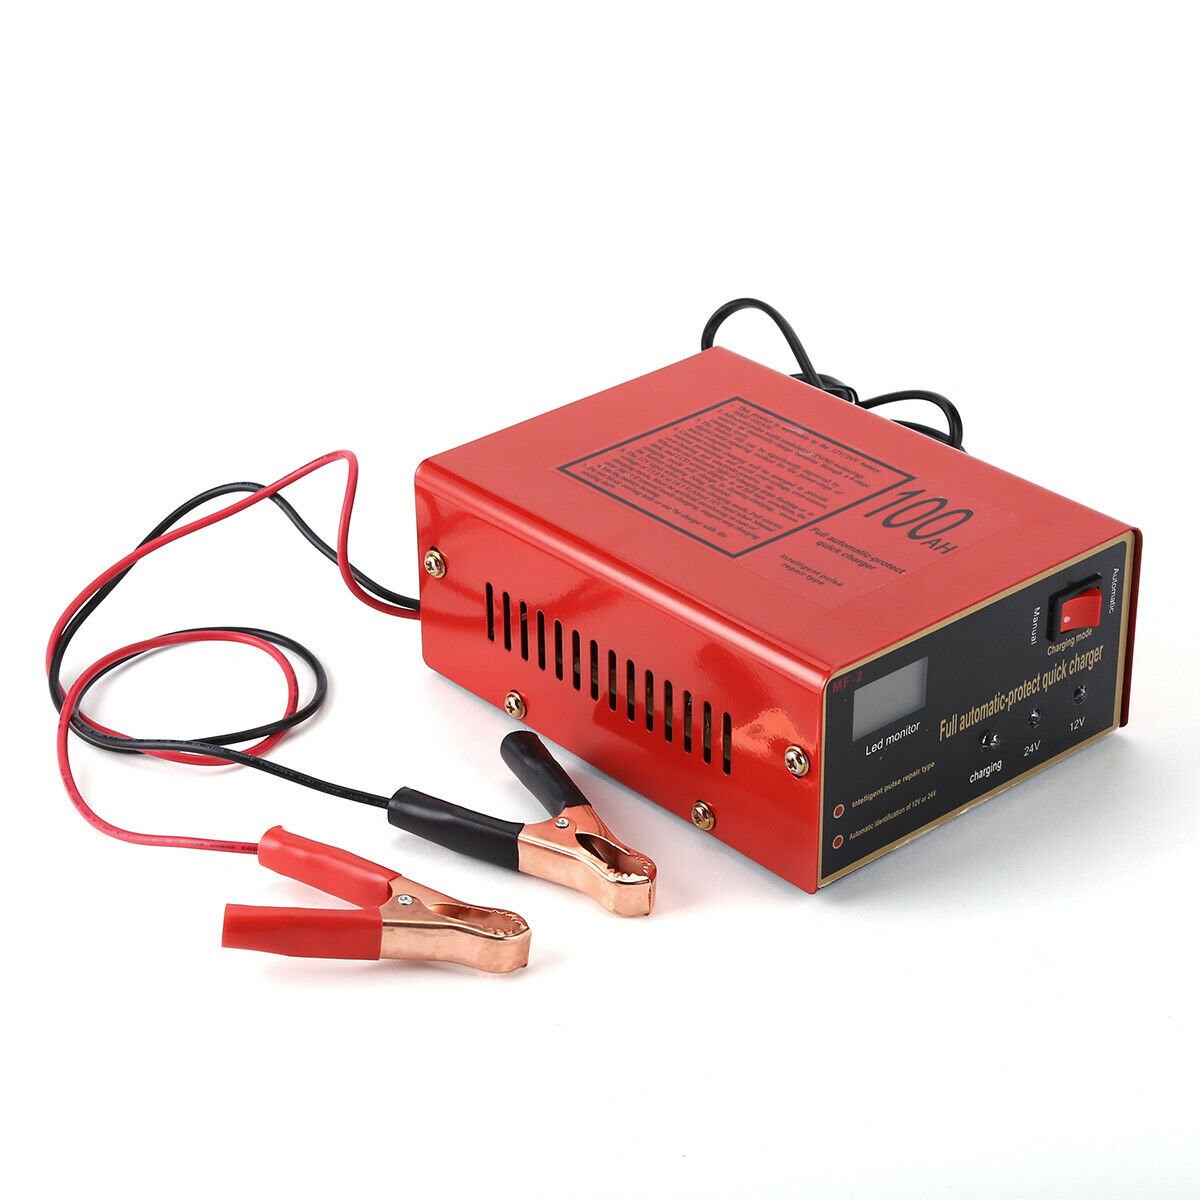 Maintenance-free Battery  Charger 12v/24v 10a 140w Output For Electric Car EU Plug